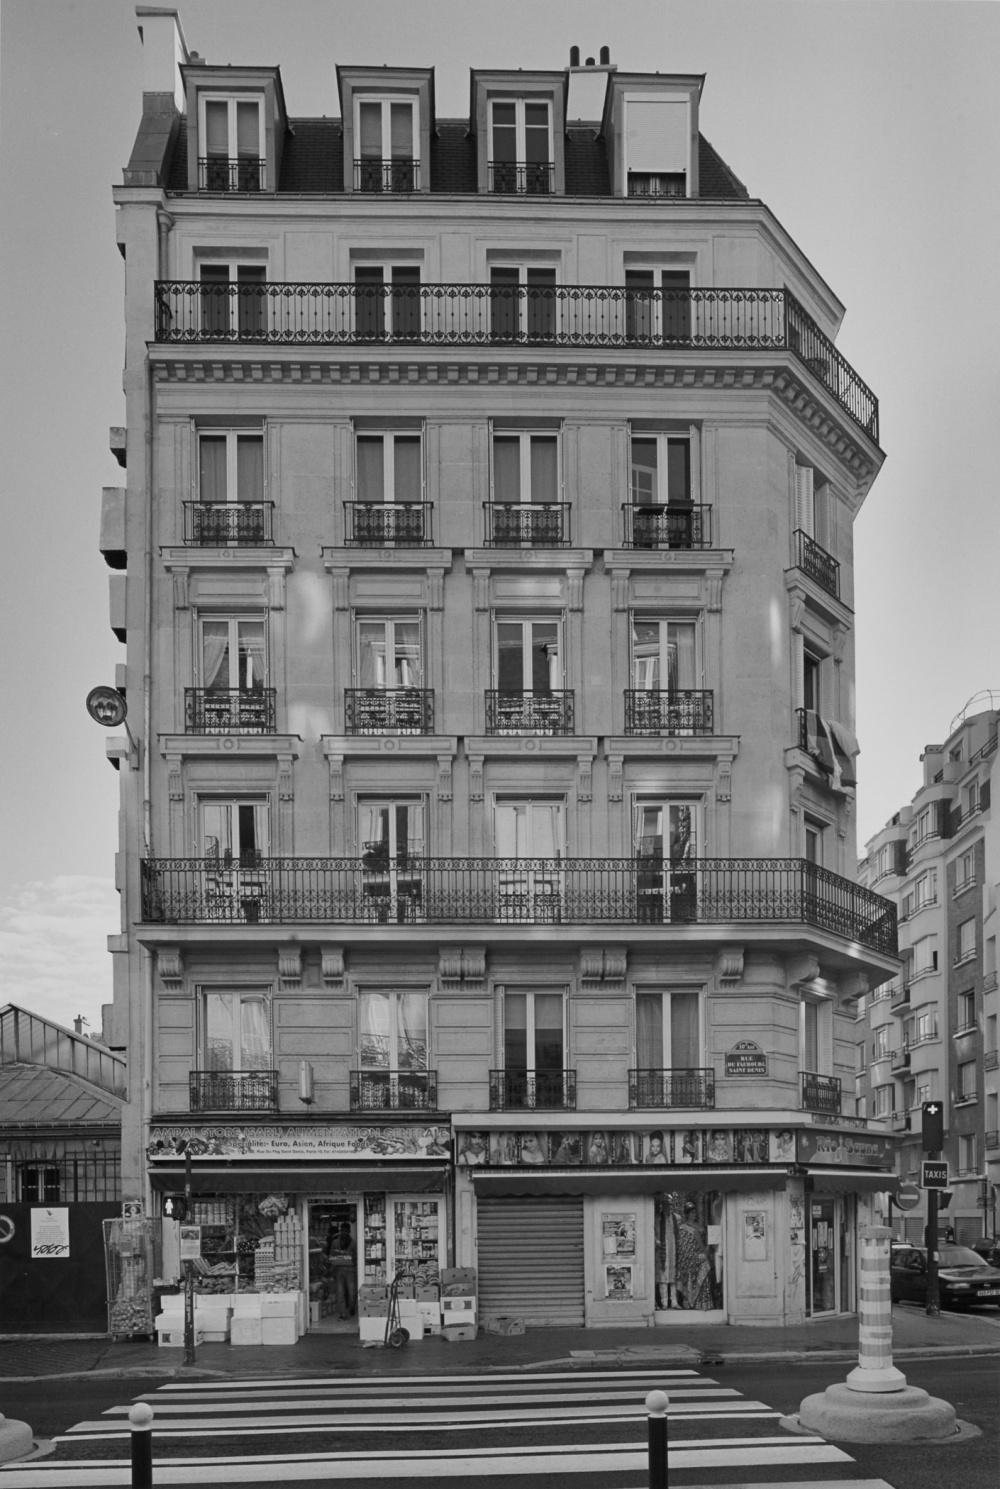 Peter MacCallum, Rue du Faubourg Saint Denis: Façade of No. 192, Corner of Rue Demarquay, 2010